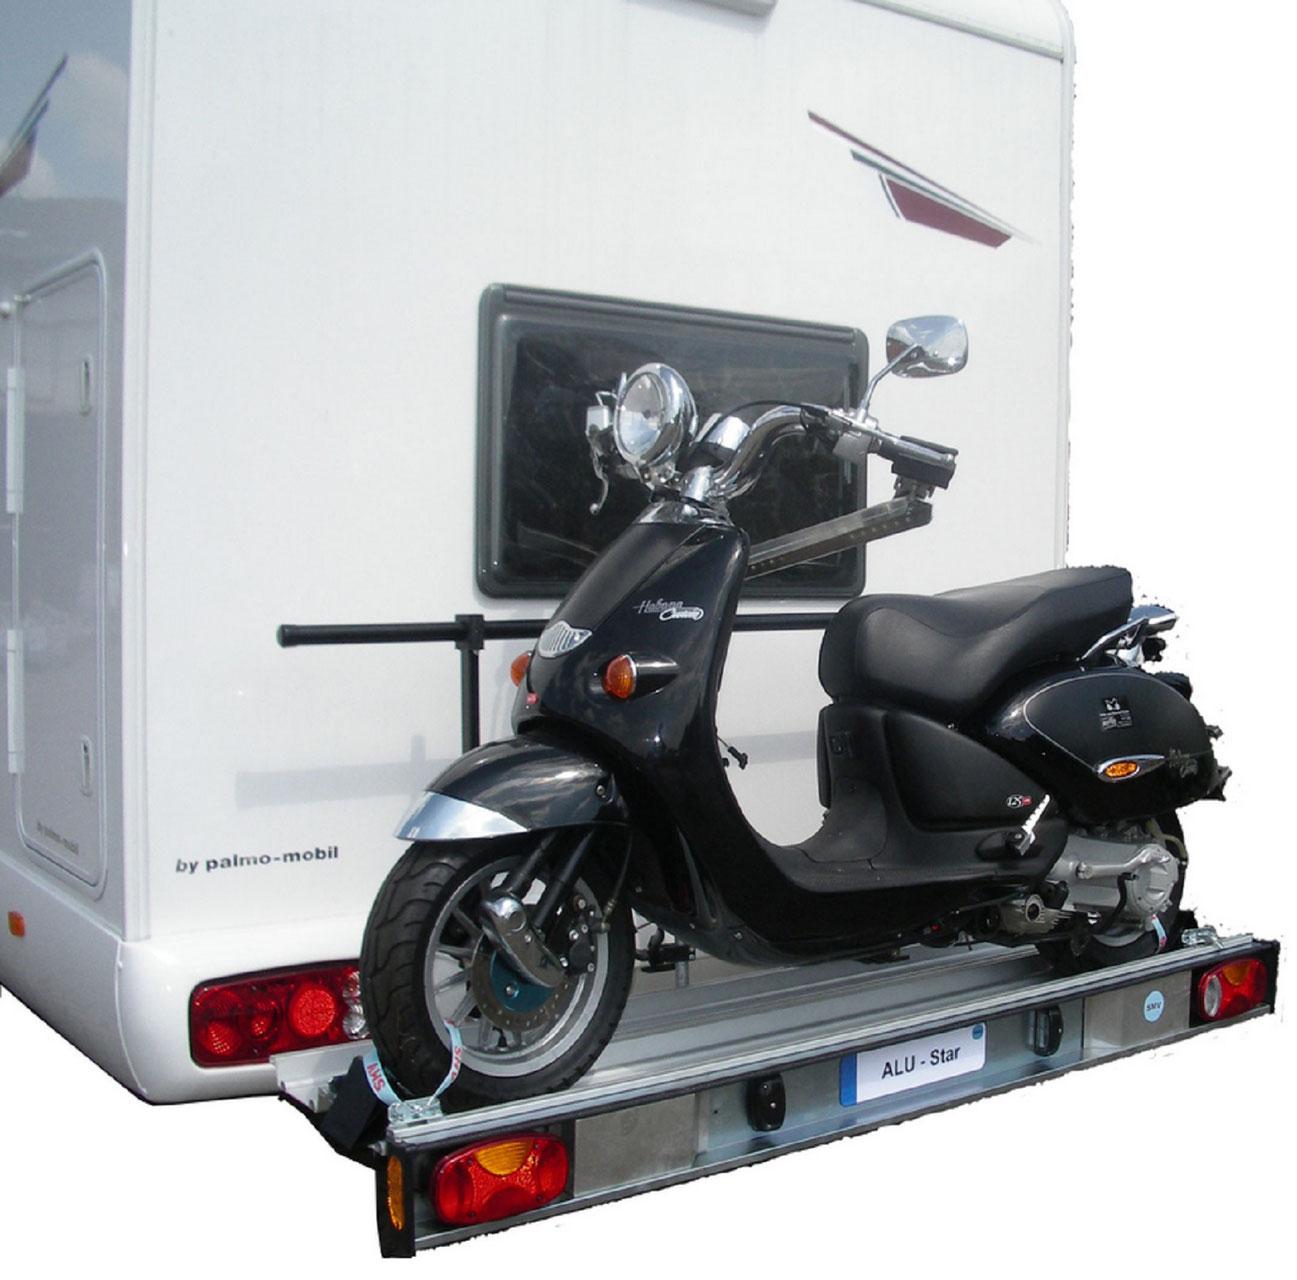 Details zu Motorradträger Rollerträger für alle Hymer Nutzlast 9kg  Wohnmobile Reisemobil